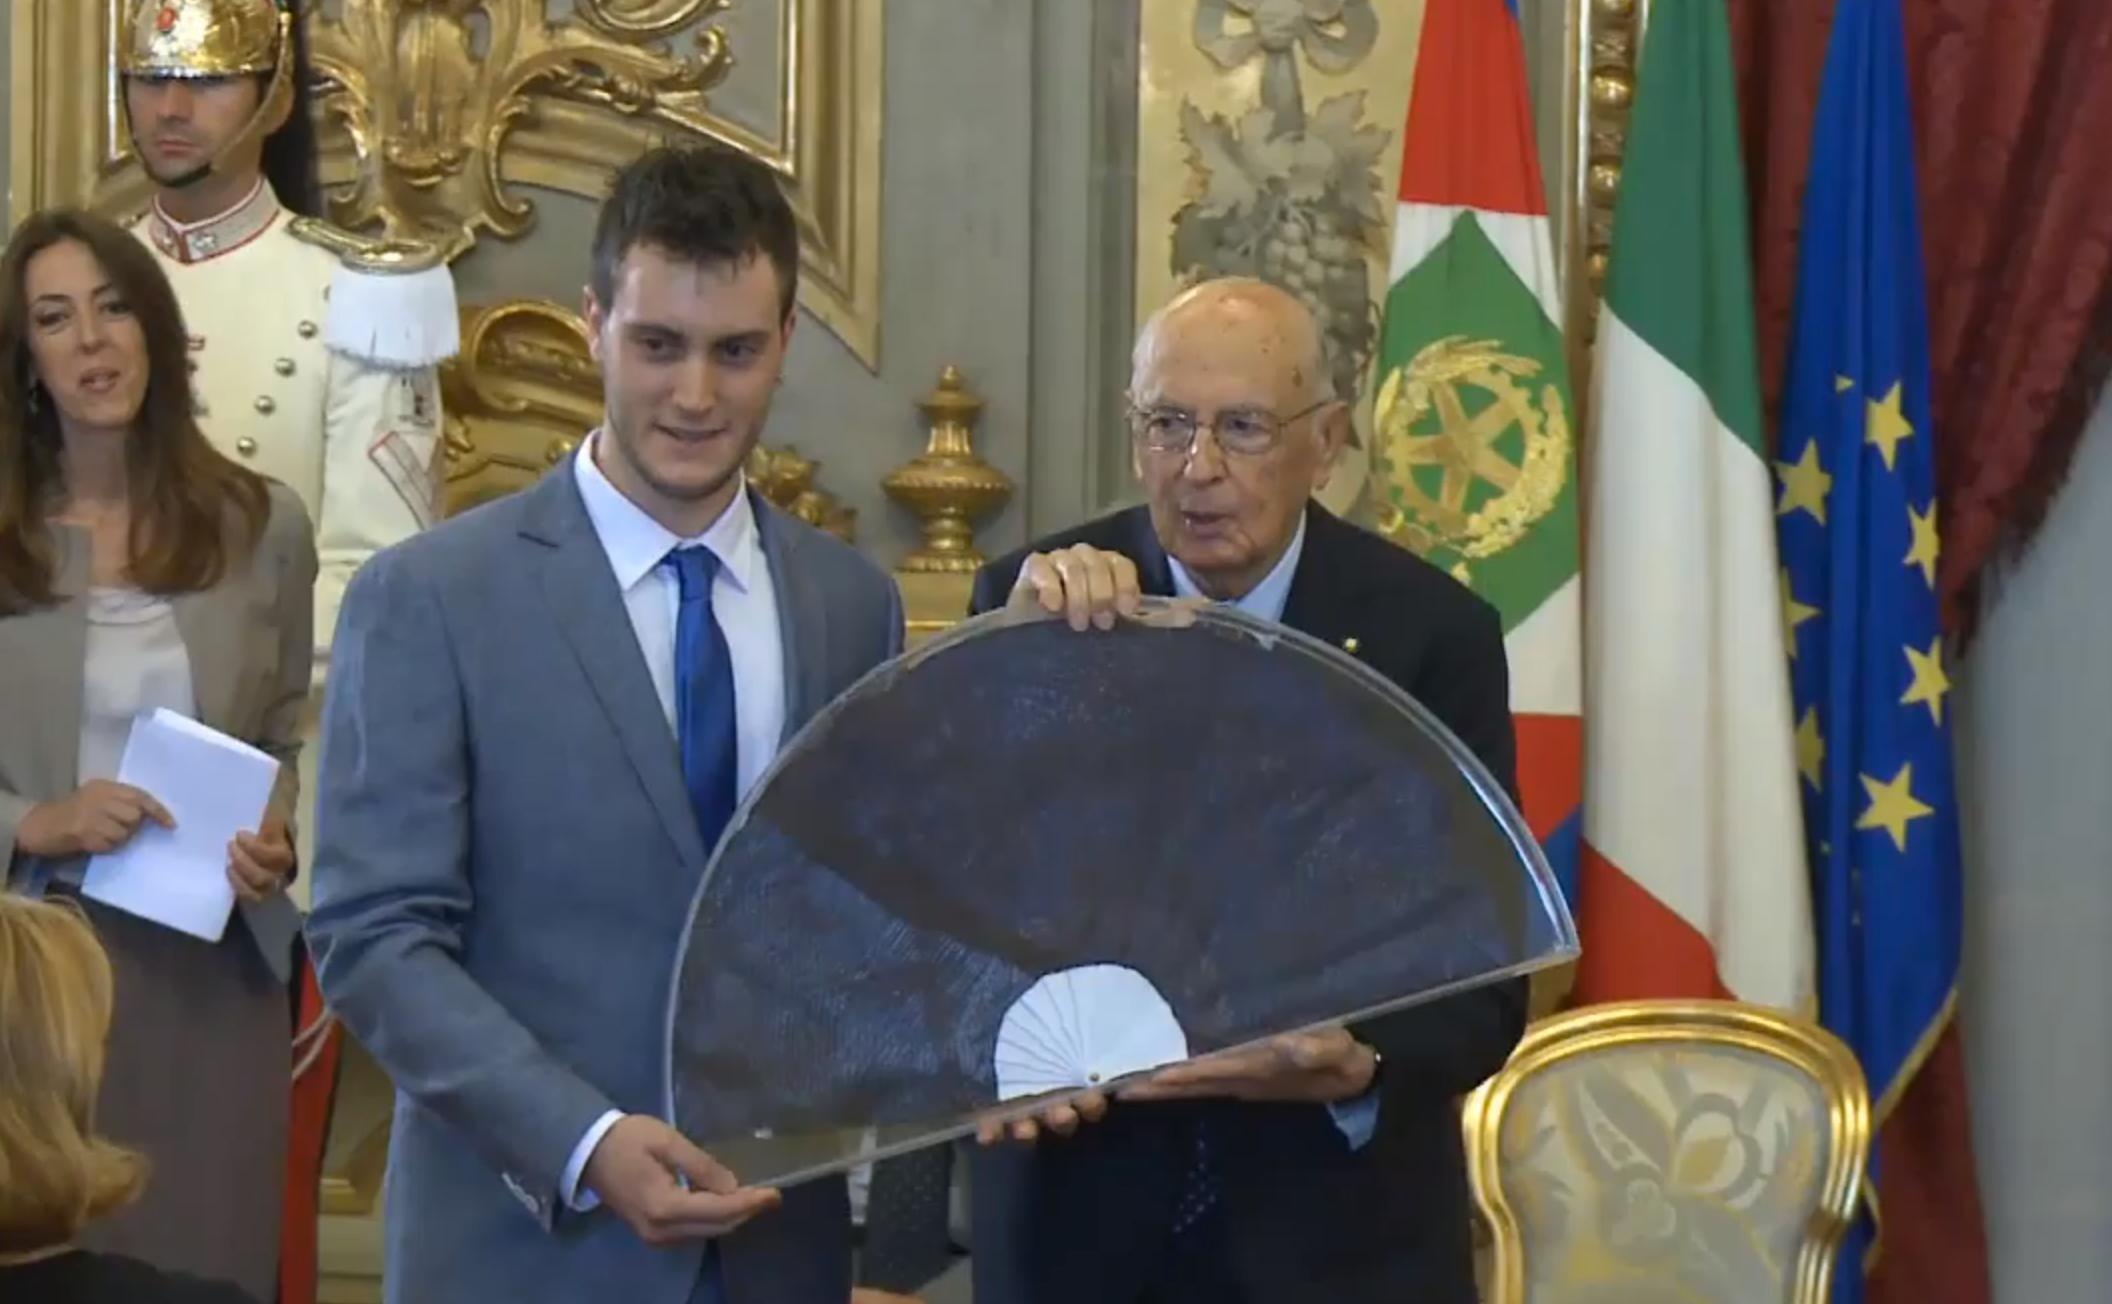 Cerimonia del Ventaglio Presidente Napolitano 2013